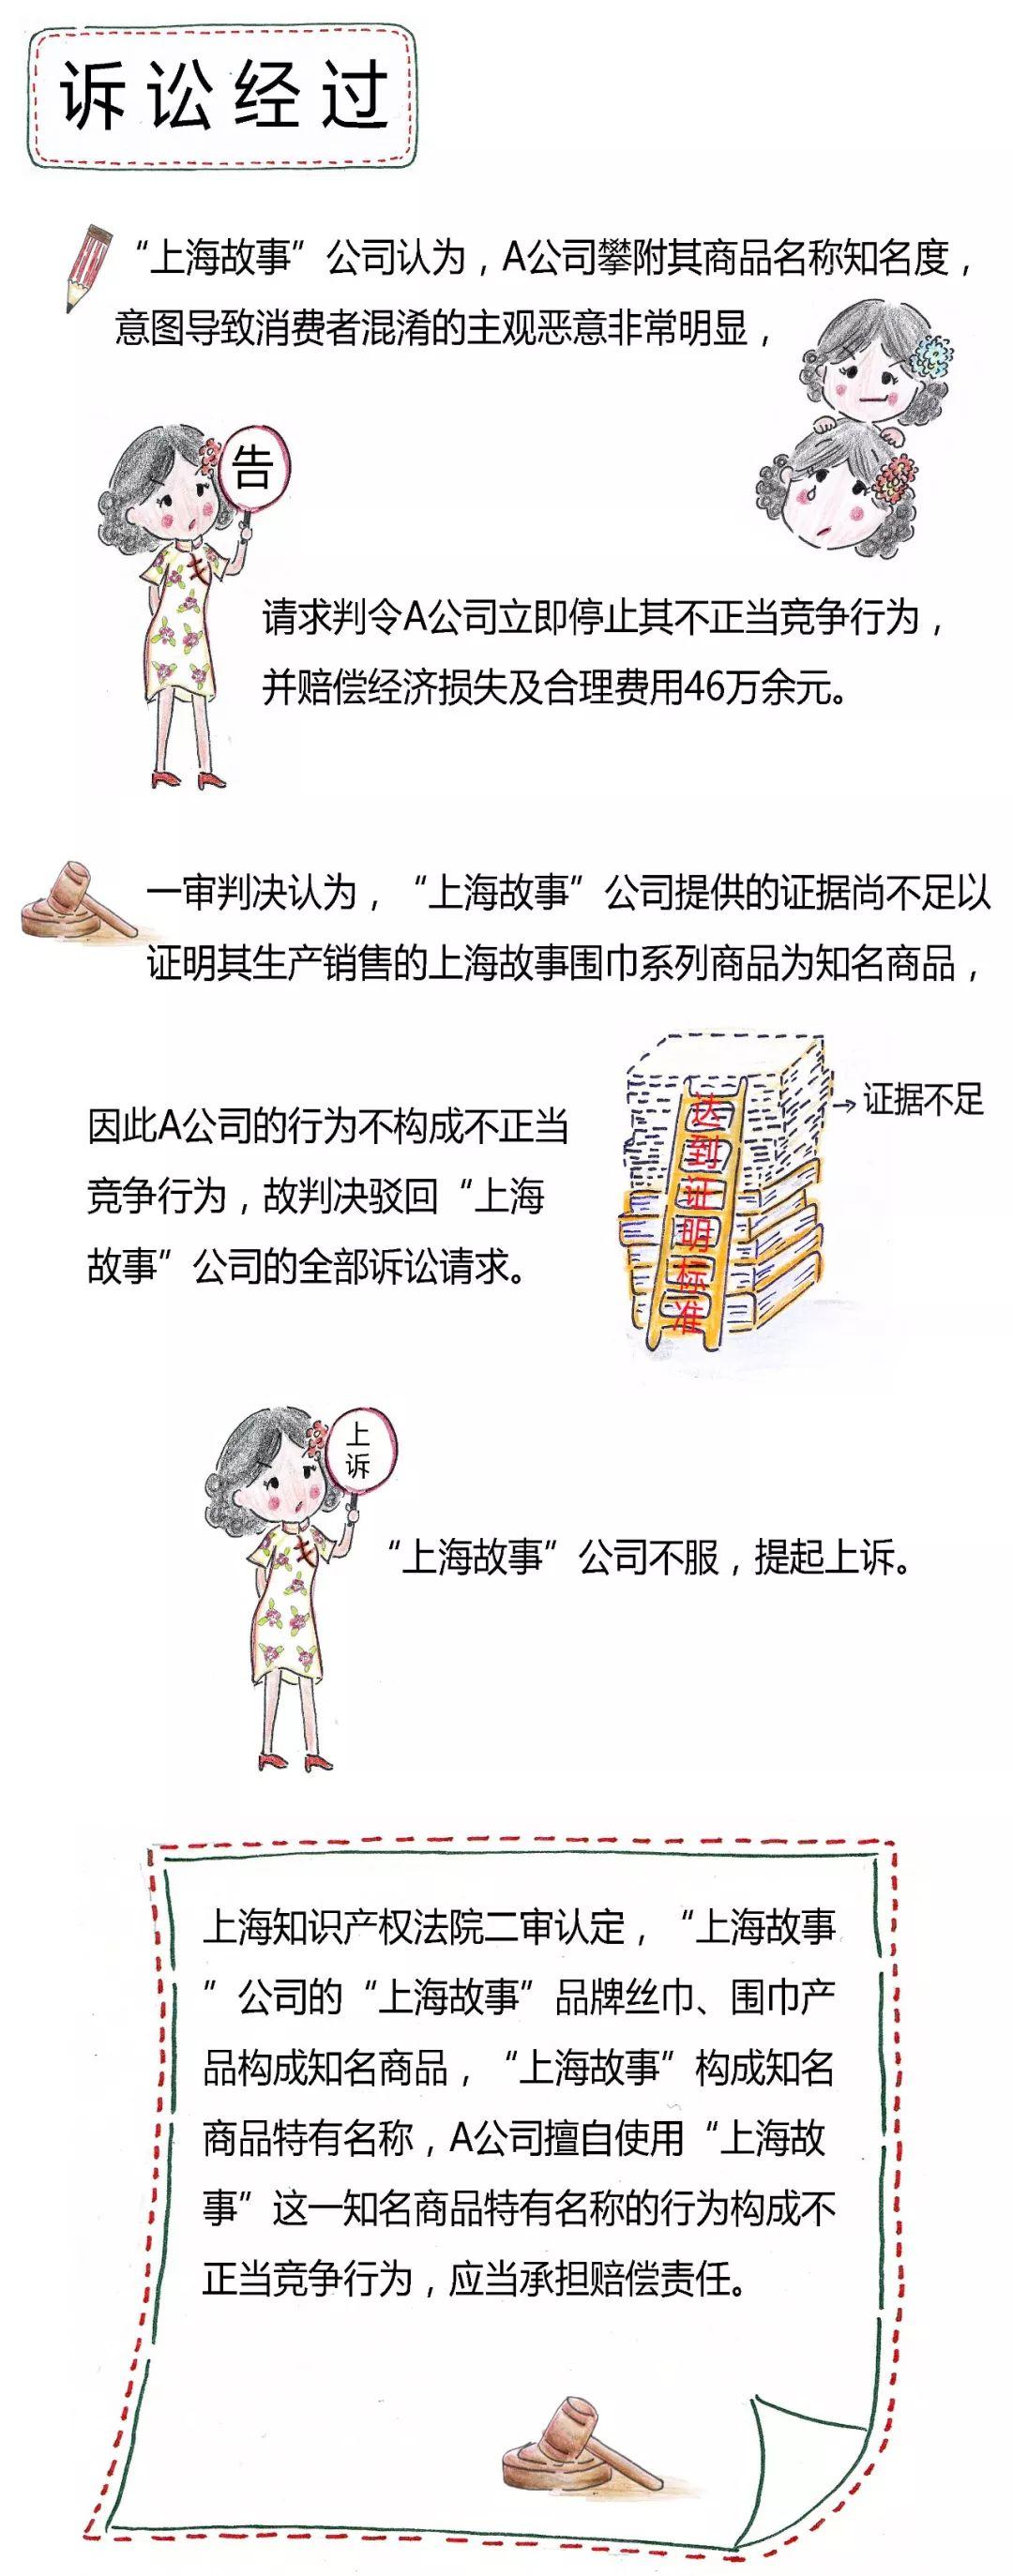 【漫画】未注册商标获得《反不正当竞争法》保护的条件有哪些?